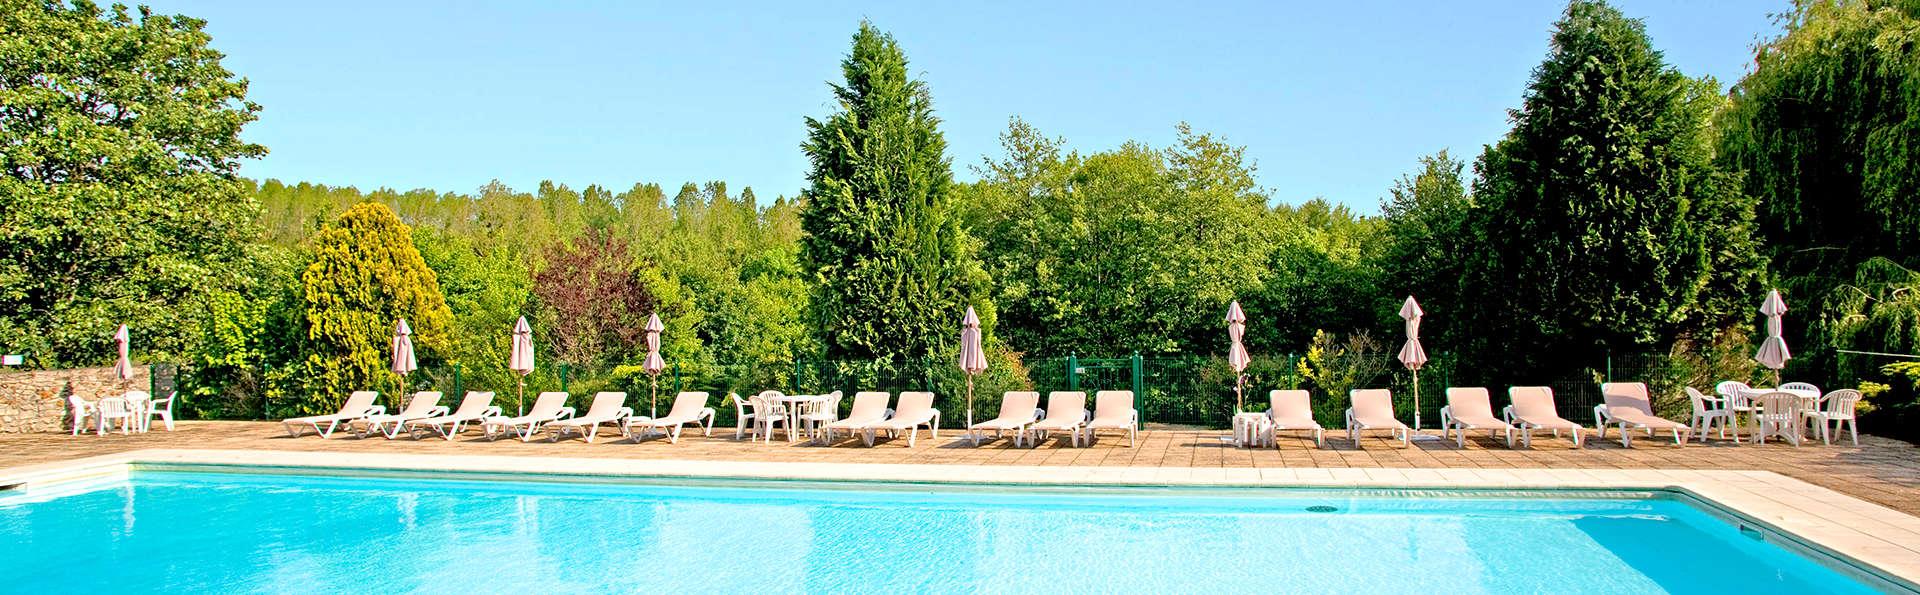 Partez en week-end dans un château près de Poitiers !